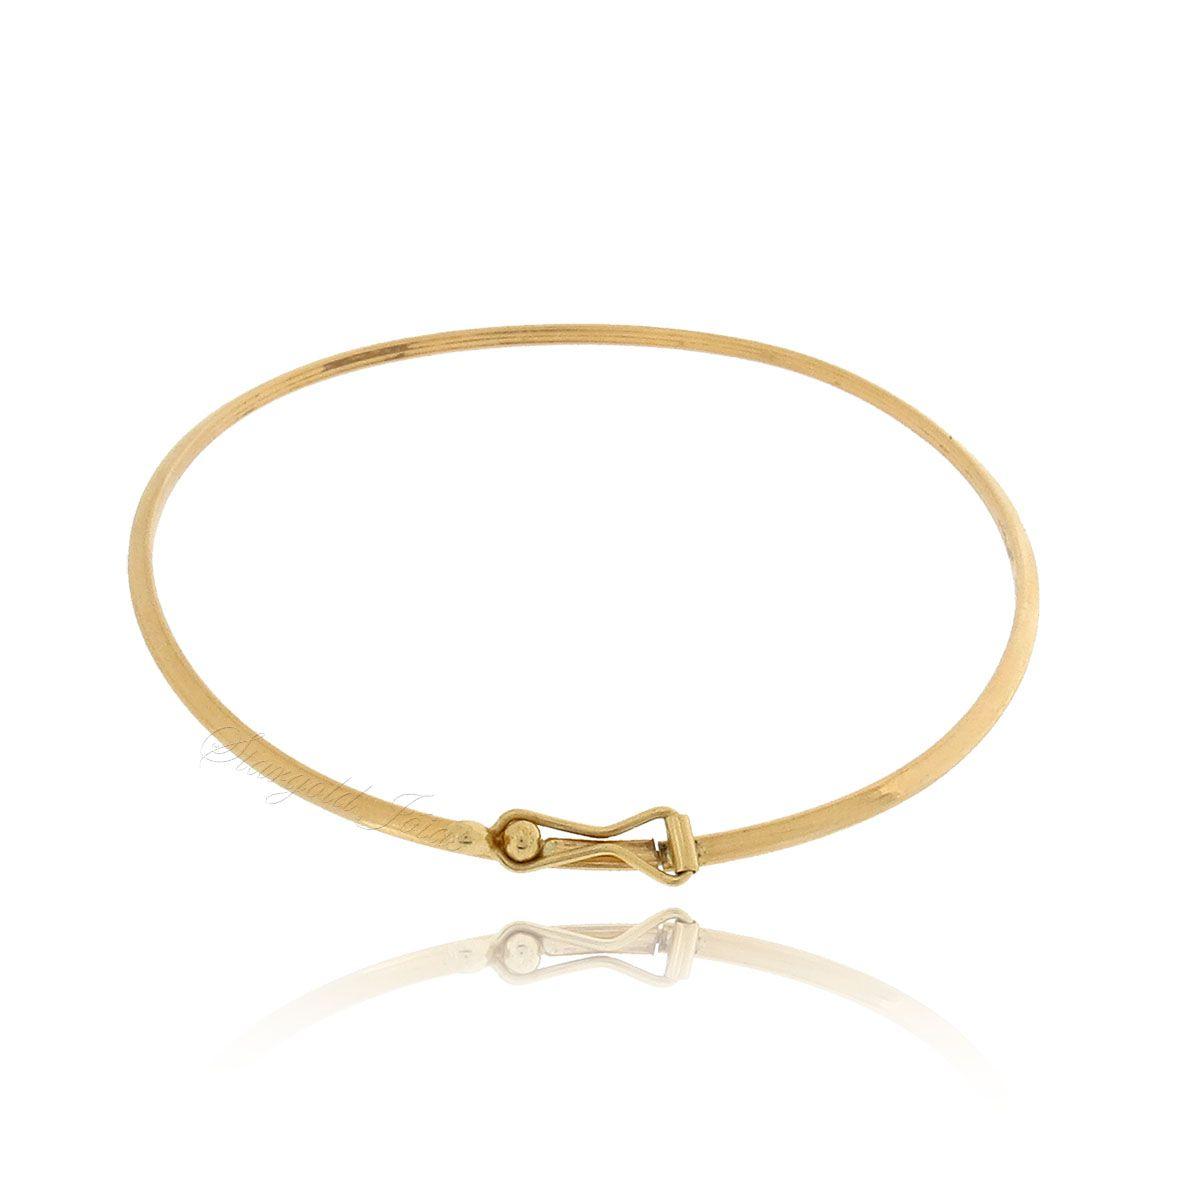 Bracelete com Trava de Segurança Fio Triangular Ouro 18k